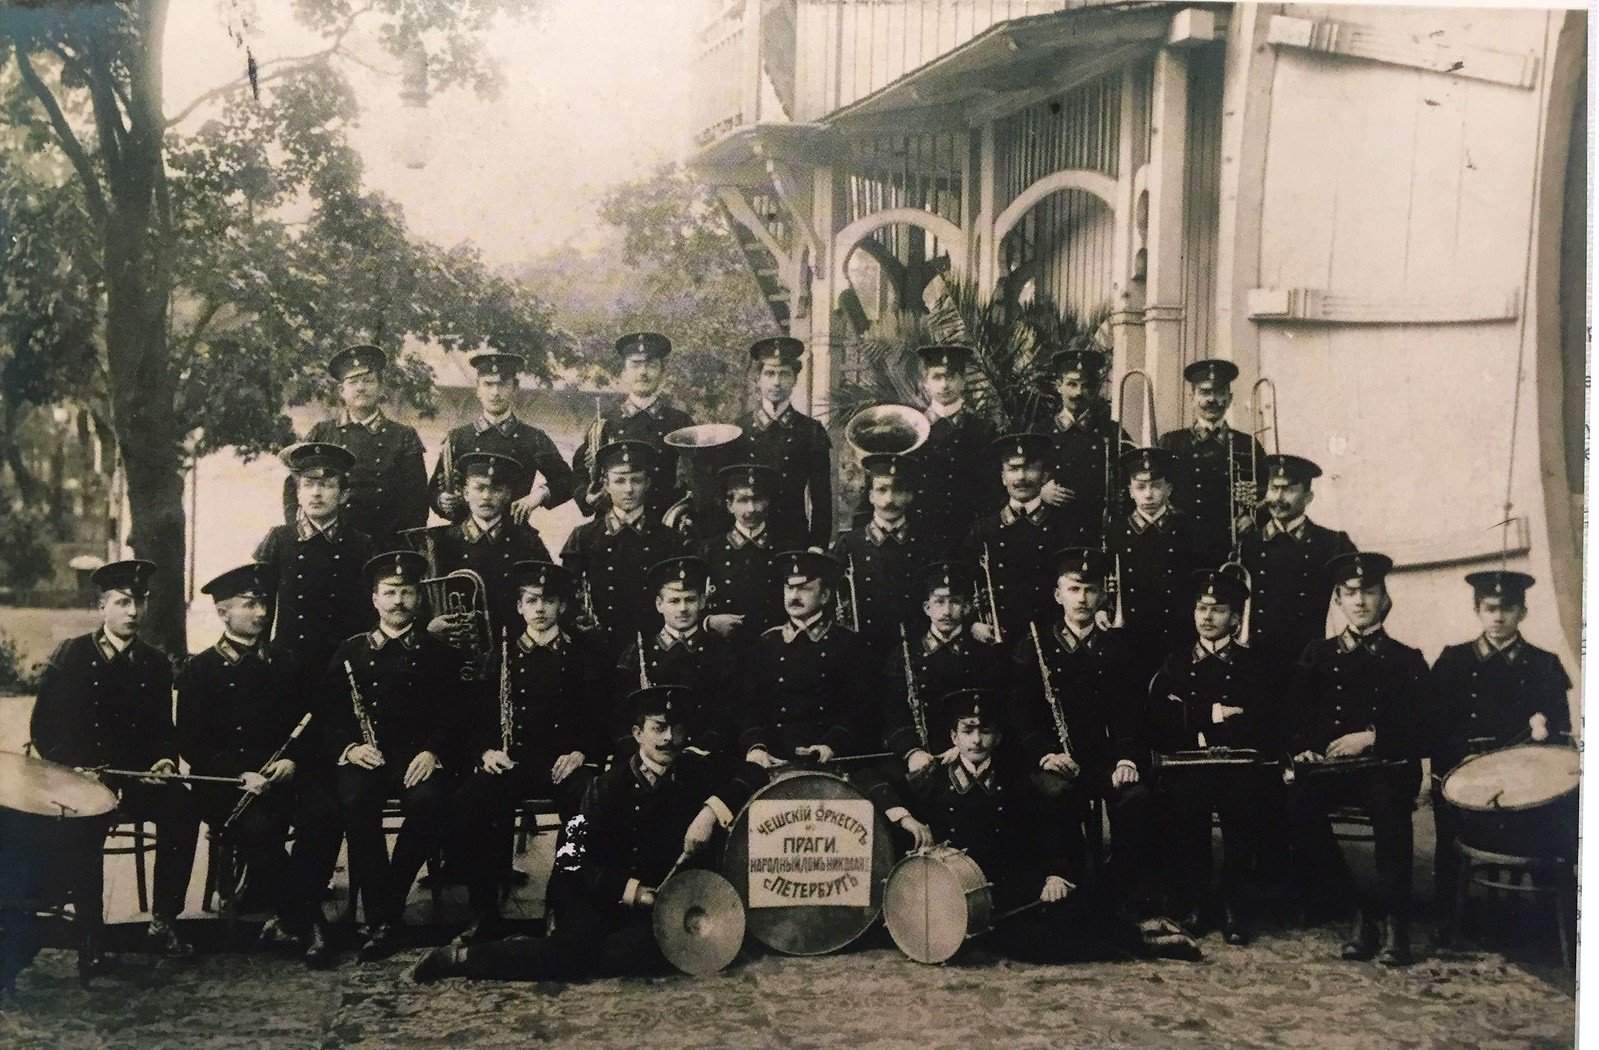 Чешский оркестр из Праги у летней сцены в саду Народного дома. 1913